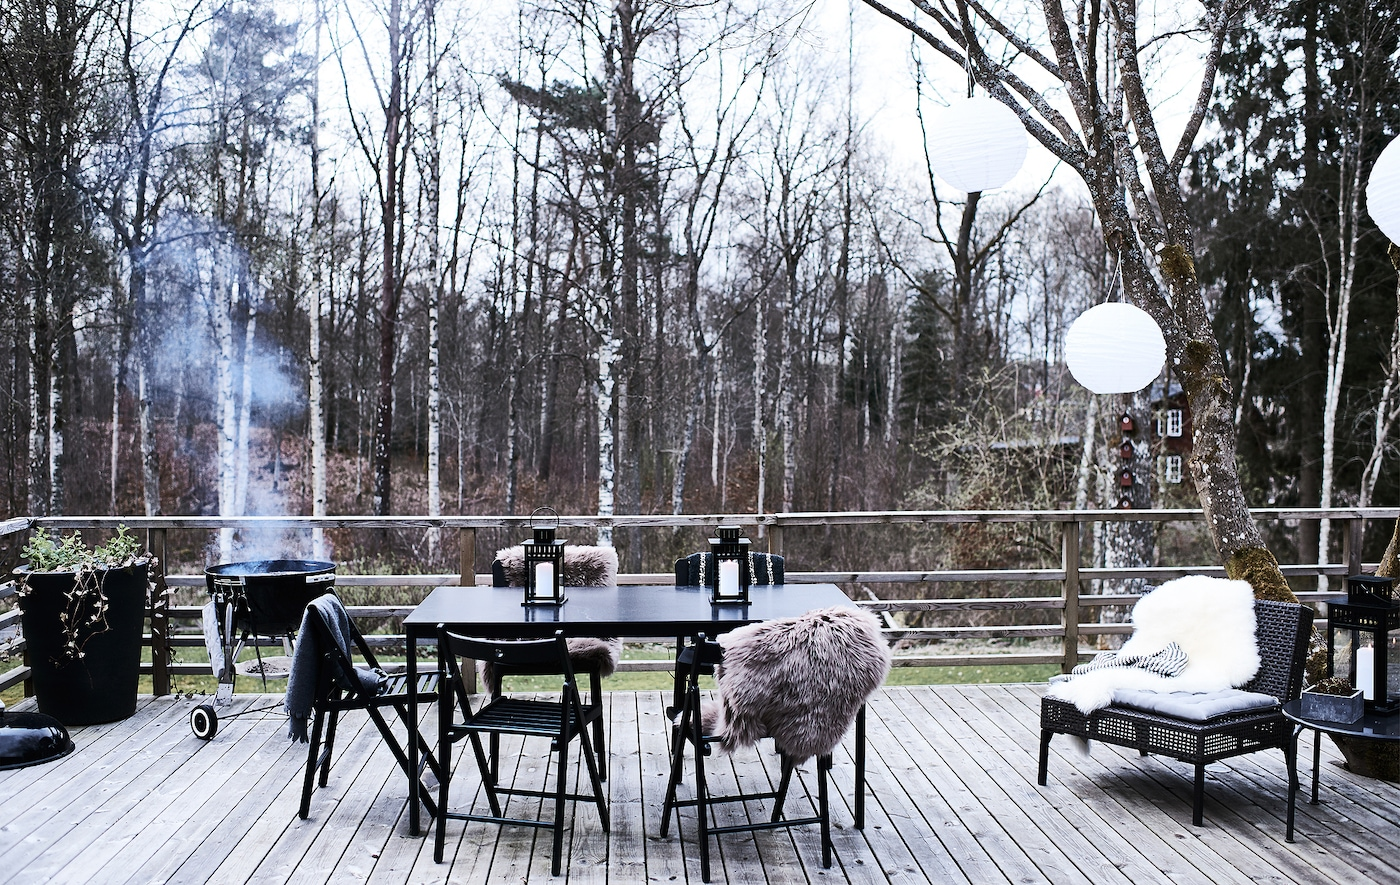 Table à manger et chaises sur une terrasse en bois avec barbecue allumé dans le fond